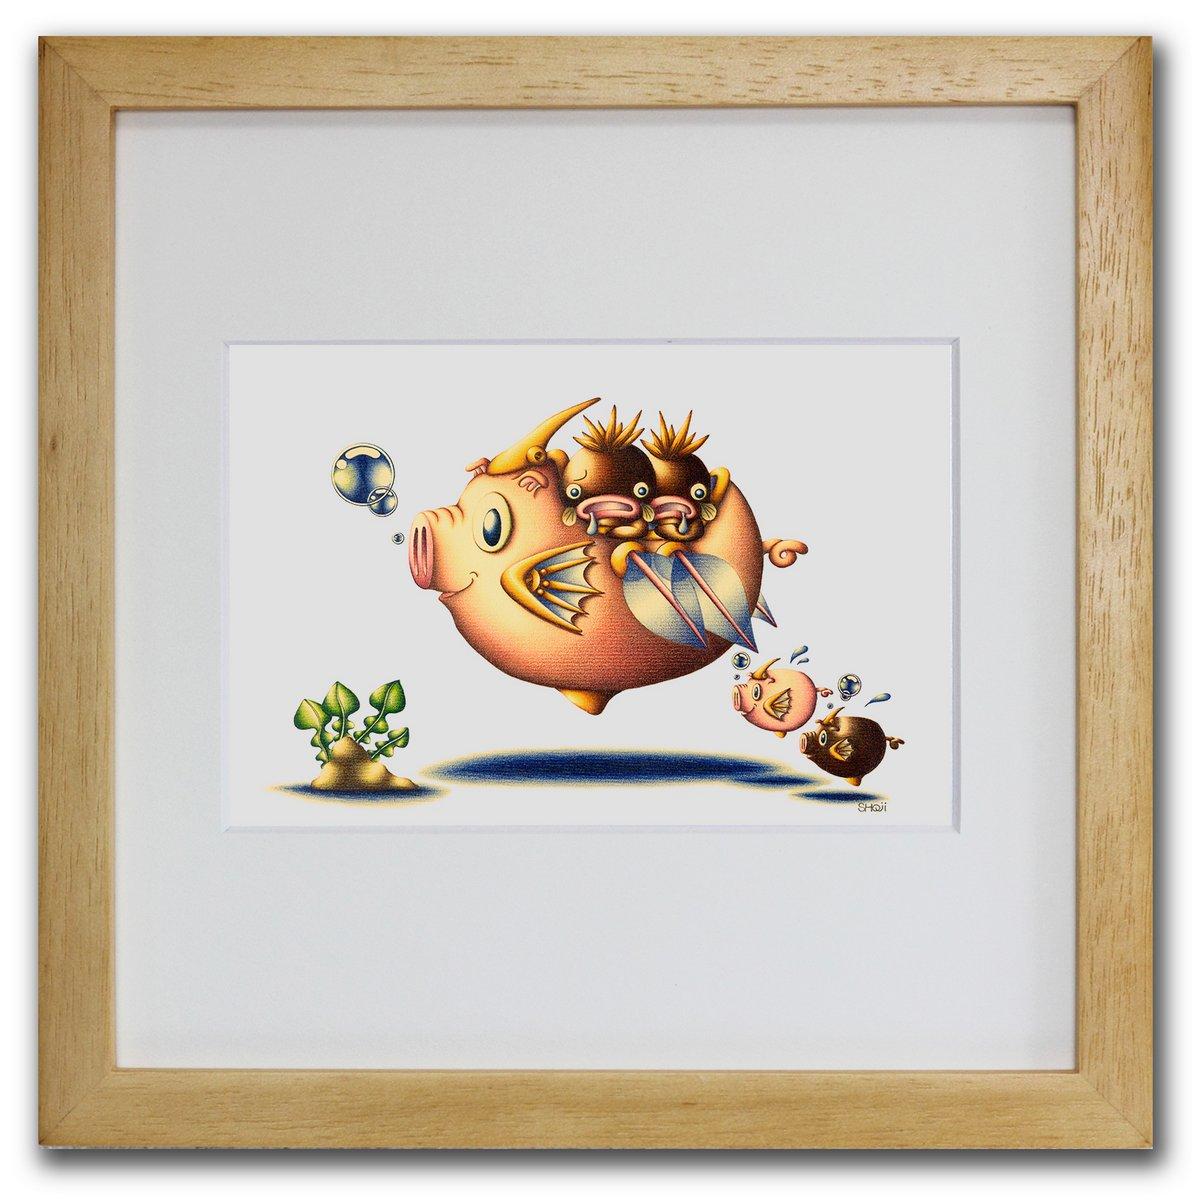 壁掛けアートは リビングや玄関におすすめのインテリア 絵画といえばルノワール ゴッホのひまわりといった名画が有名 かわいい壁飾りはお部屋を癒やしてくれそう プレゼントにも 色鉛筆画 版画 ゆうパケット 養豚魚 SHOji インテリア 壁掛け 額入り 額装込 リビング 玄関 油絵 ポスター モダン アート 感謝価格 プレゼント 巣ごもり 即日出荷 アートフレーム Sサイズ アートパネル おしゃれ 飾る 風景画